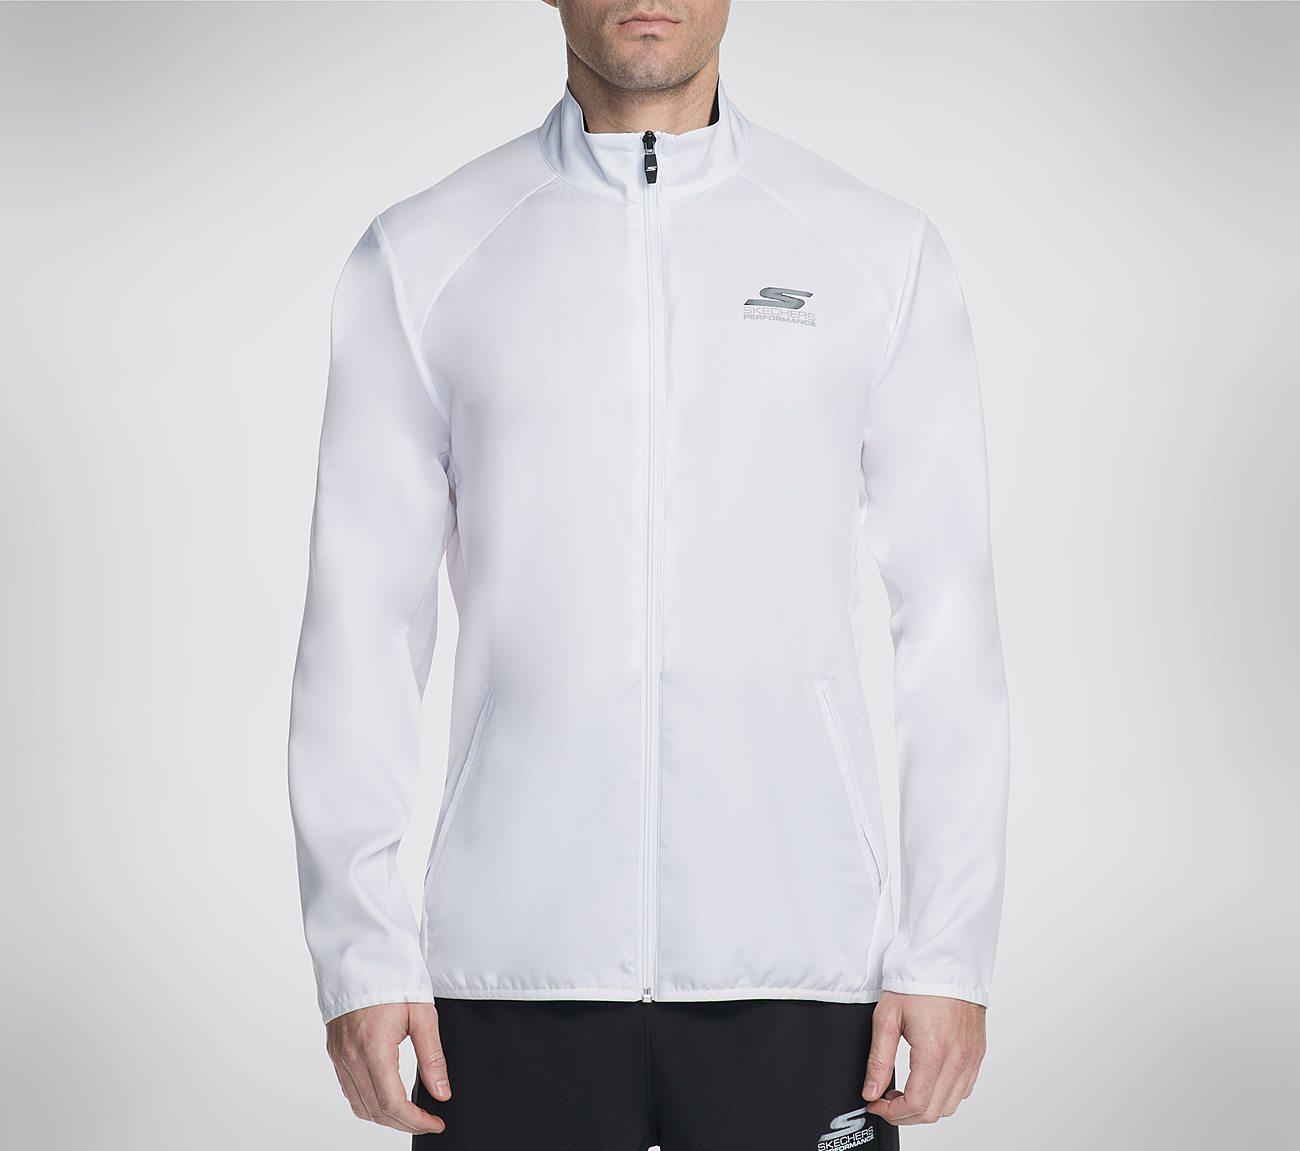 Skechers GOwalk Pearl Jacket